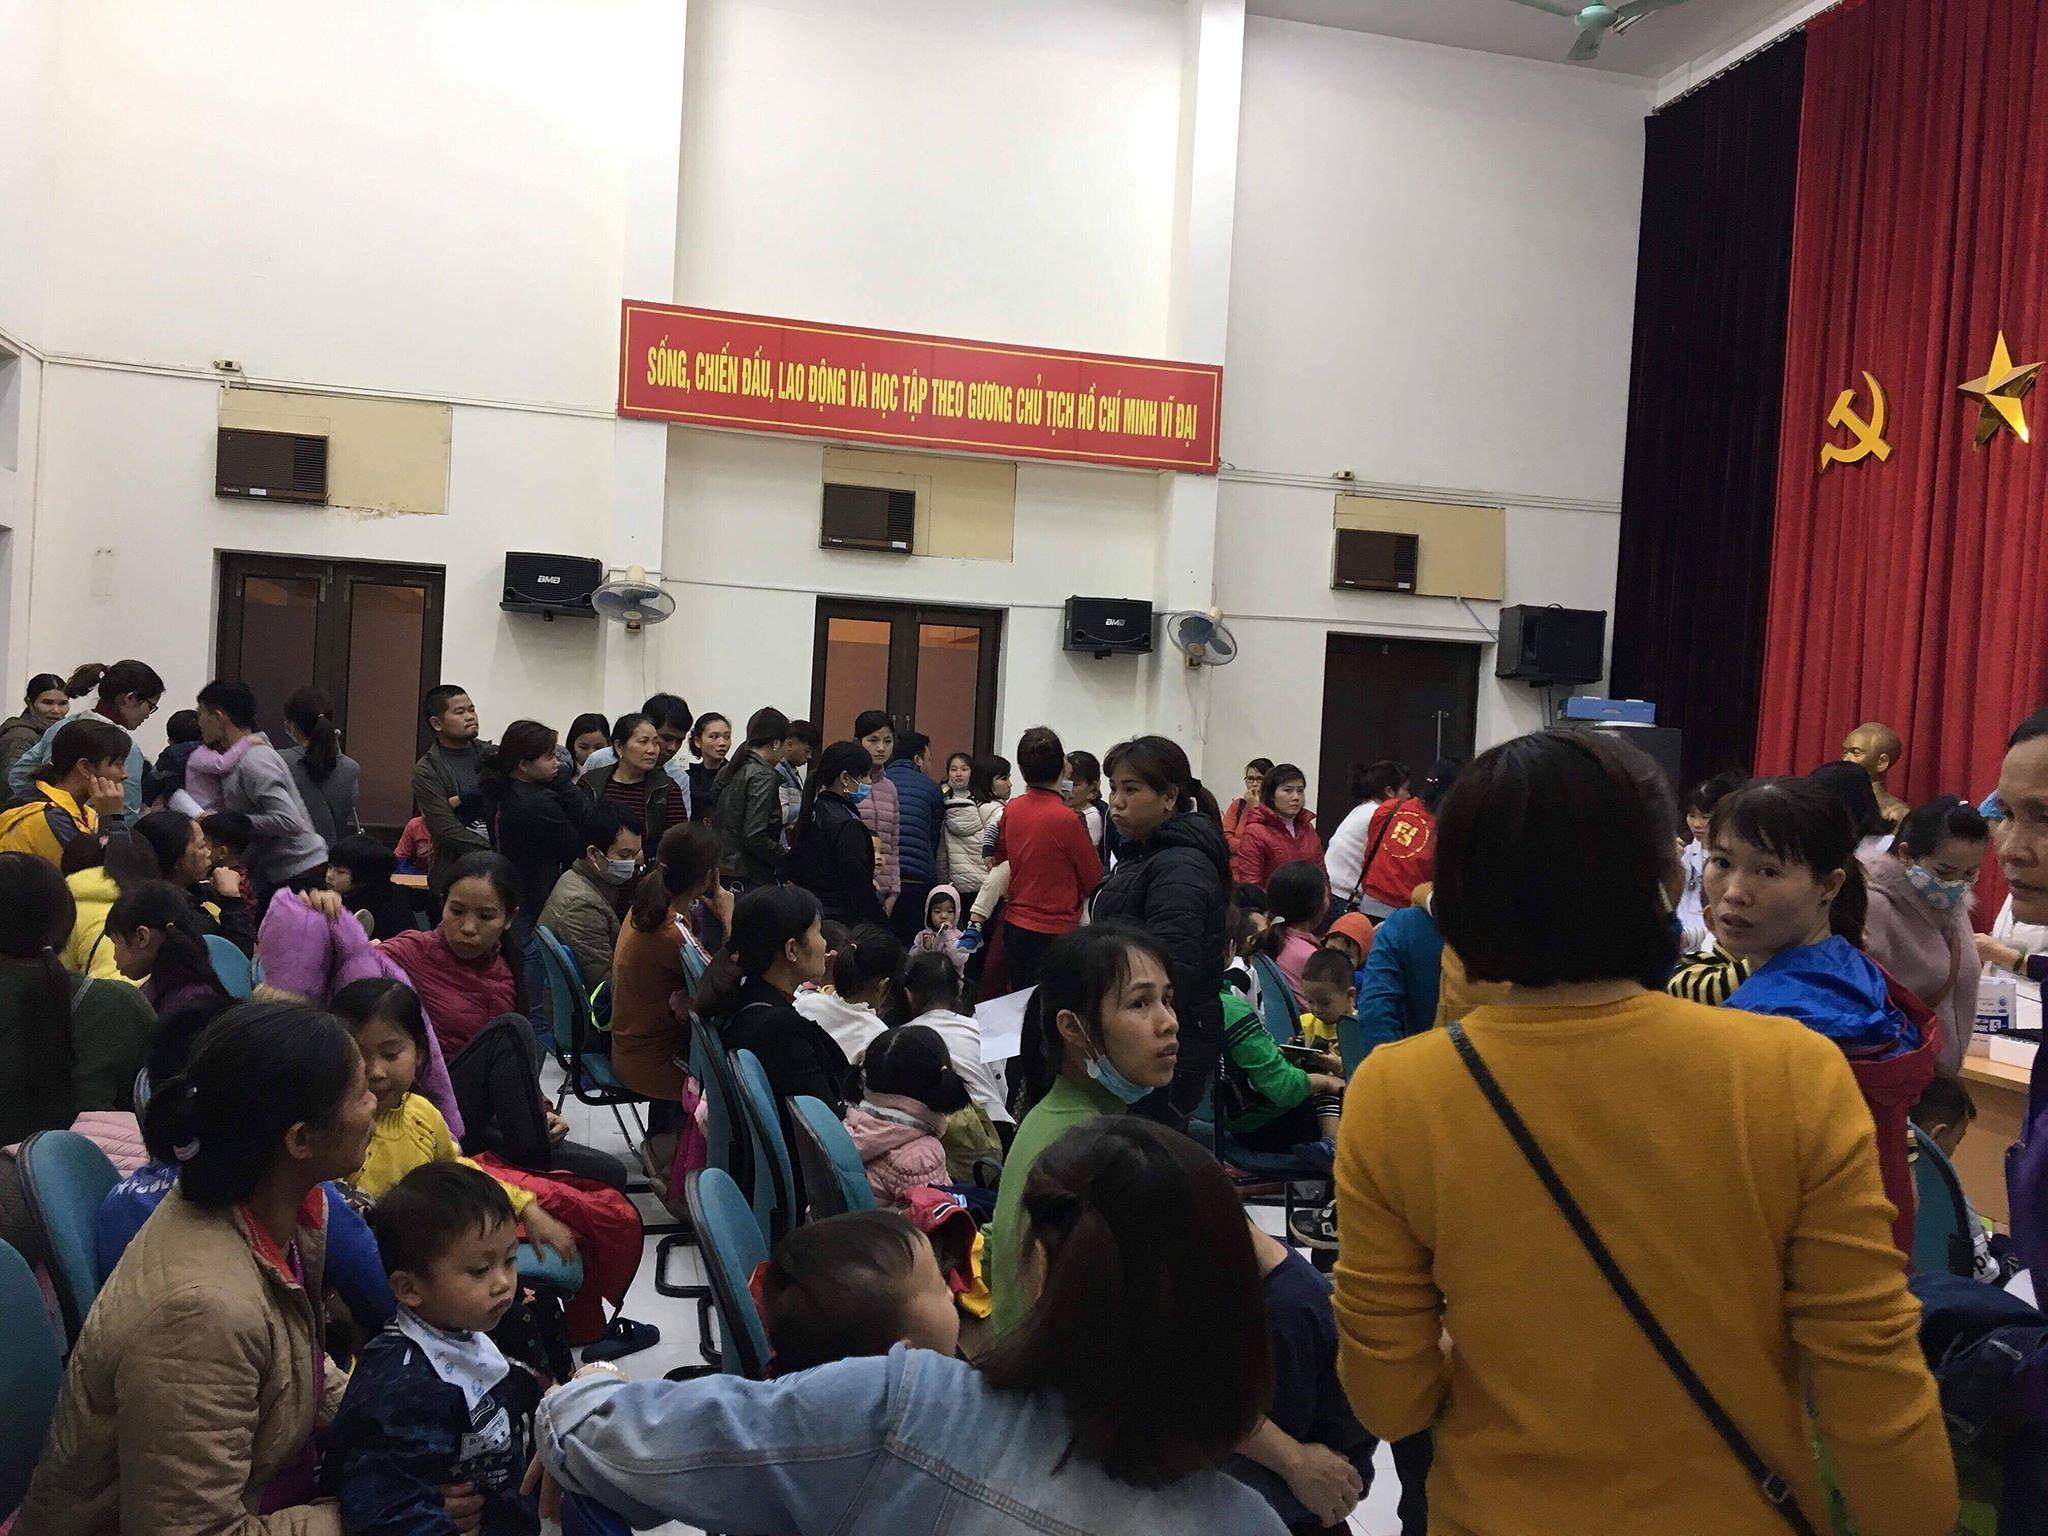 Cả nghìn trẻ Bắc Ninh về Hà Nội xét nghiệm sán lợn: BV không còn chỗ chen chân Ảnh 1